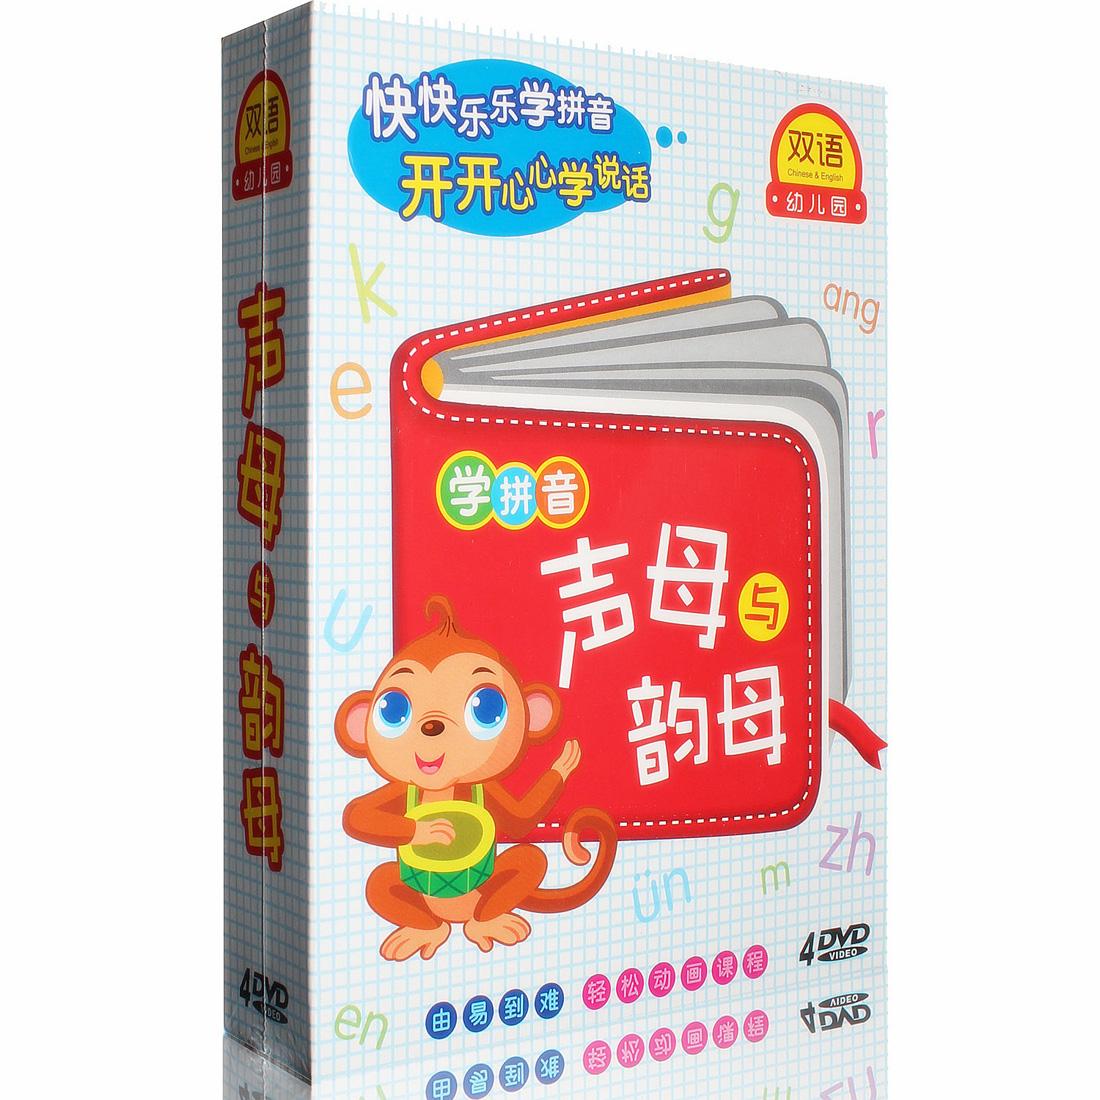 Развивающее видео для детей Подлинное DVD CD Baby узнать китайский pinyin раннего детства DVD VCD CD преподавания учебники согласных гласных